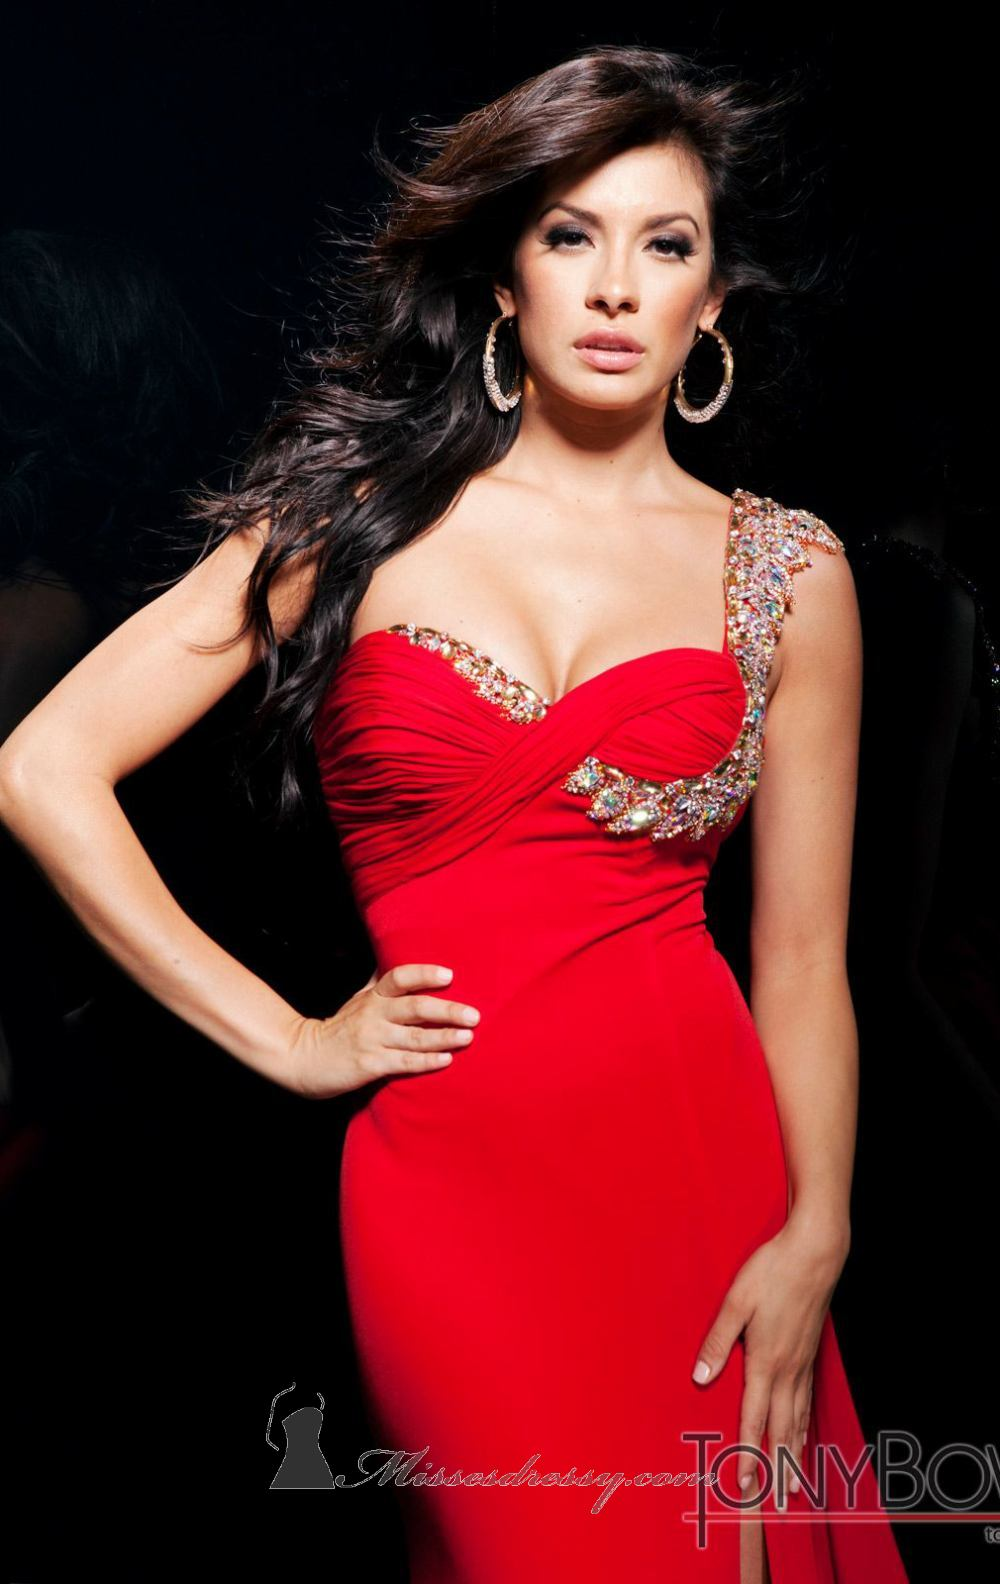 Kırmızı elbise giyerken dikkat edilmesi gerekenler nelerdir